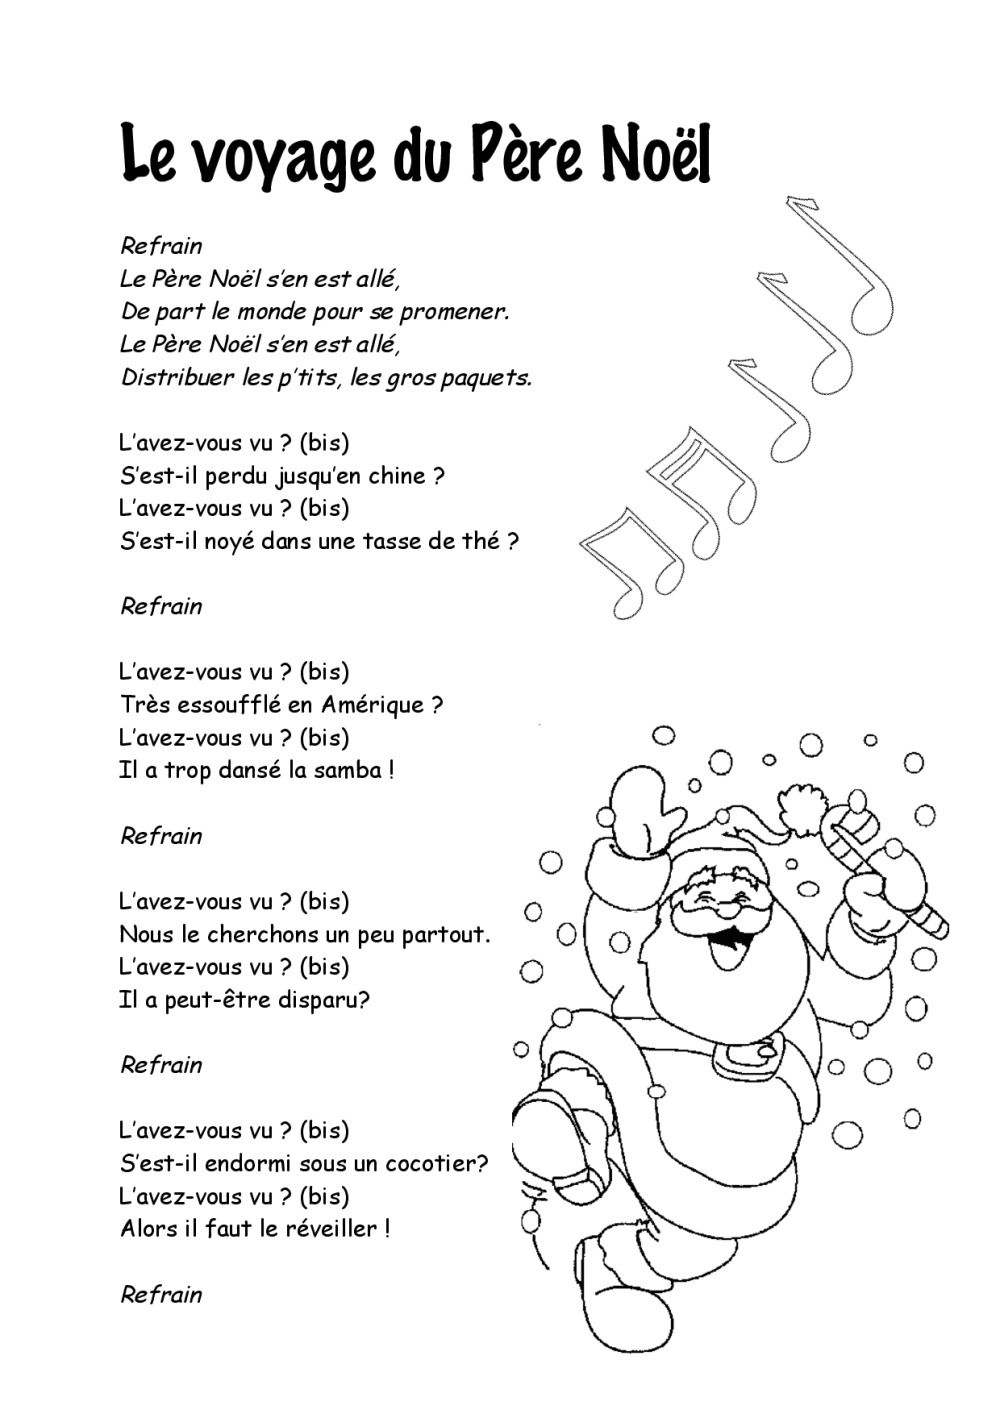 Paroles Chansons De Noël | Bdrp | Chanson De Noel, Chanson dedans Chanson De Noel En Chinois